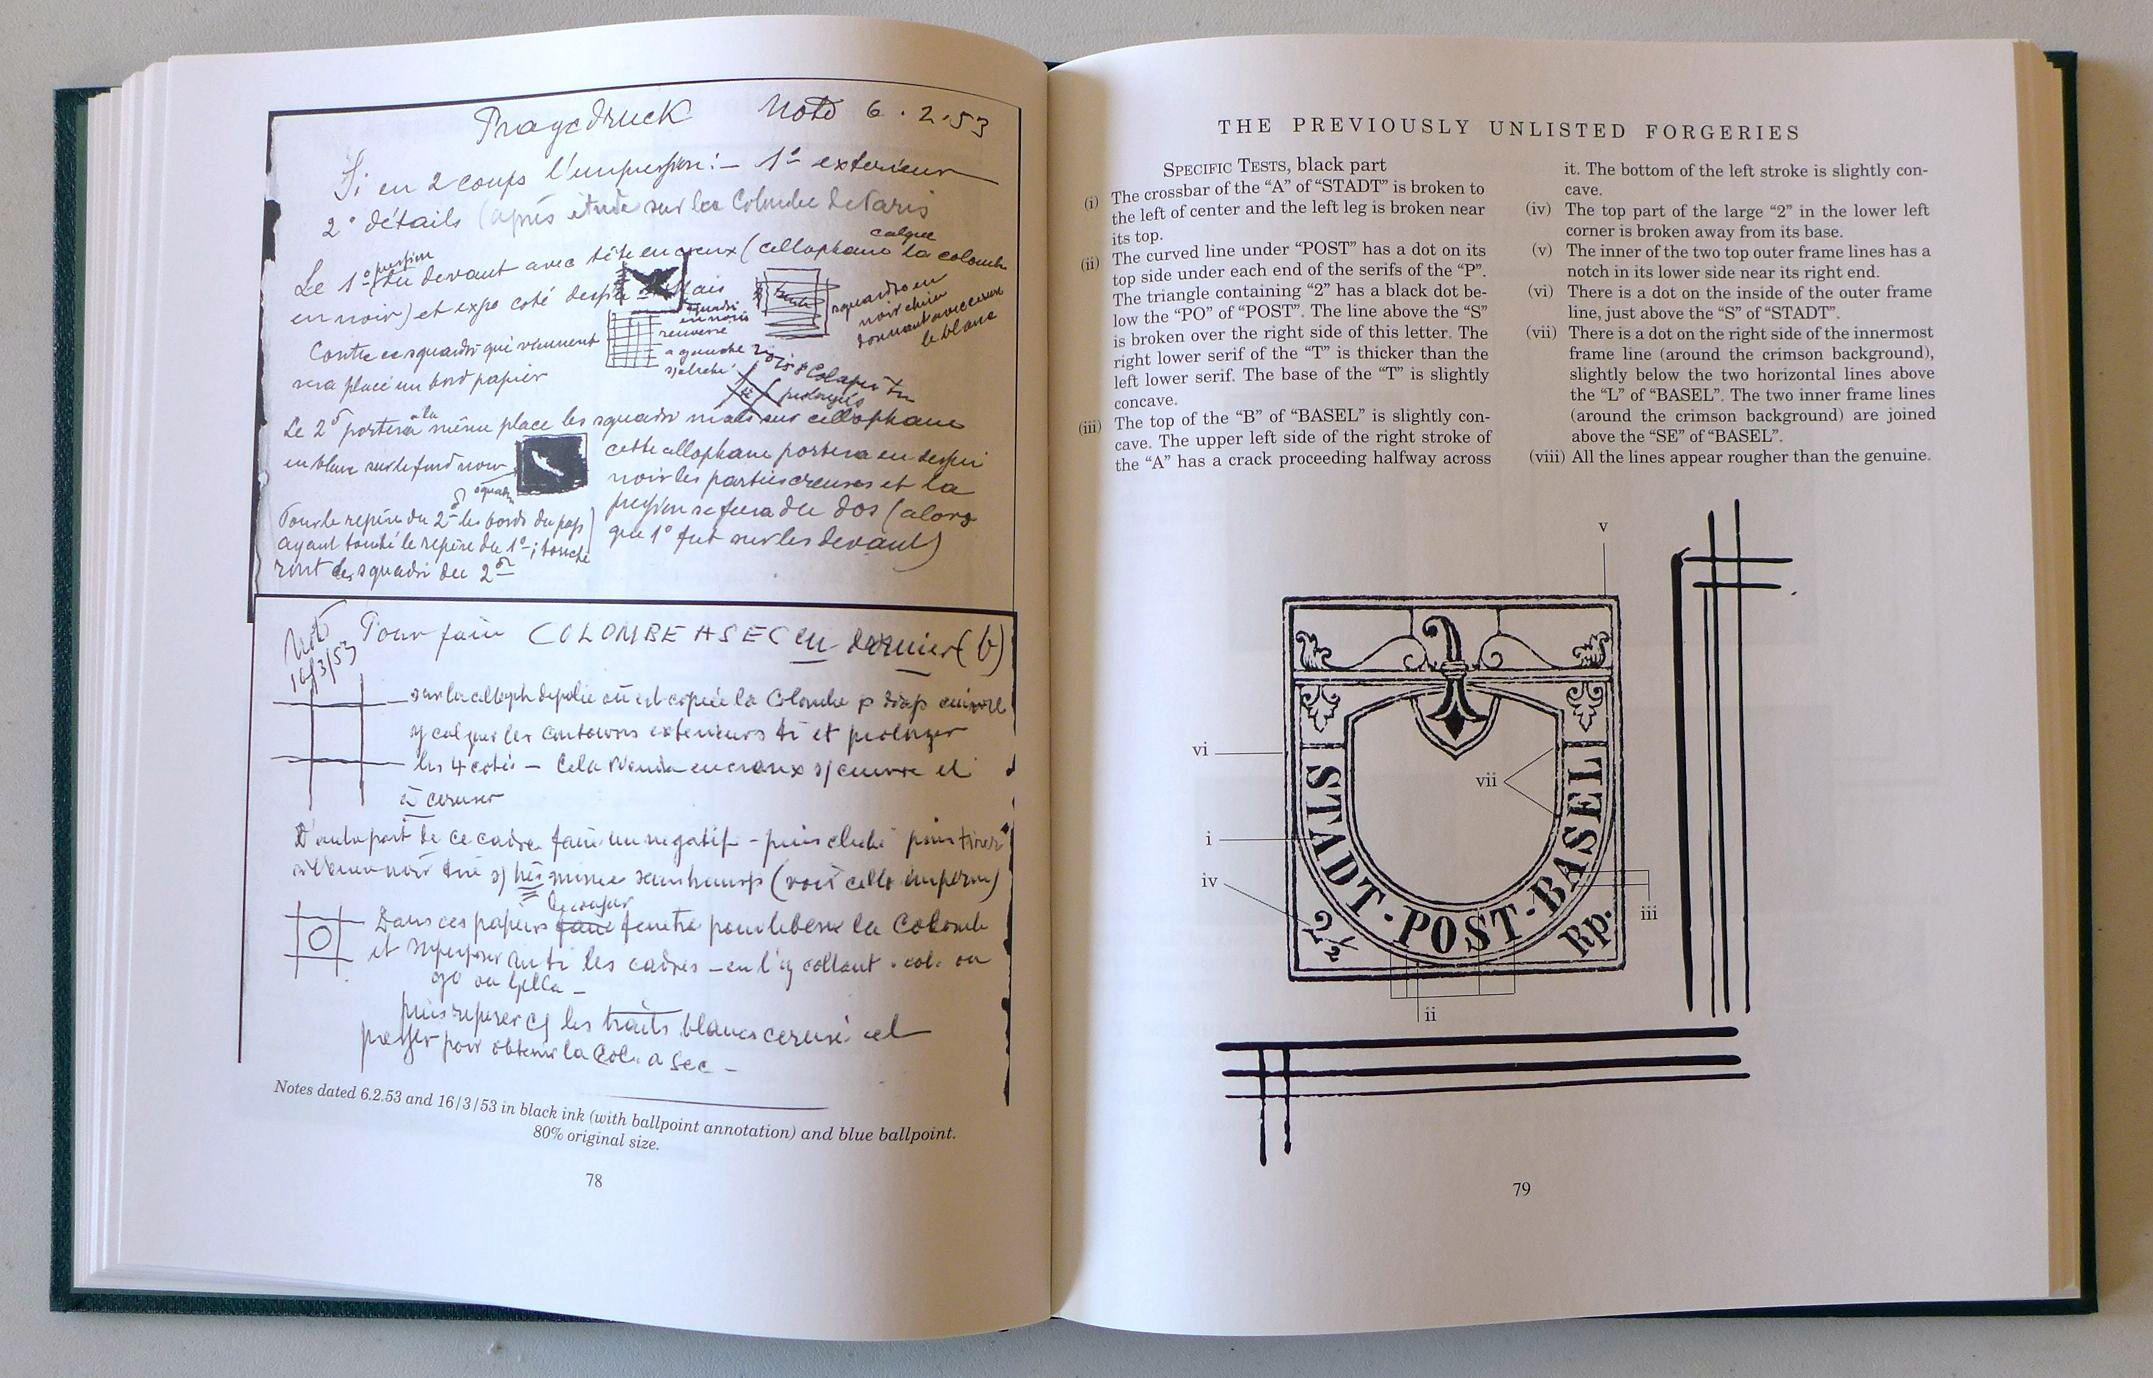 2001 veröffentlichten Lowe/Walske zahlreiche neu entdeckte Arbeiten von Jean de Sperati. Foto: Wolfgang Maassen